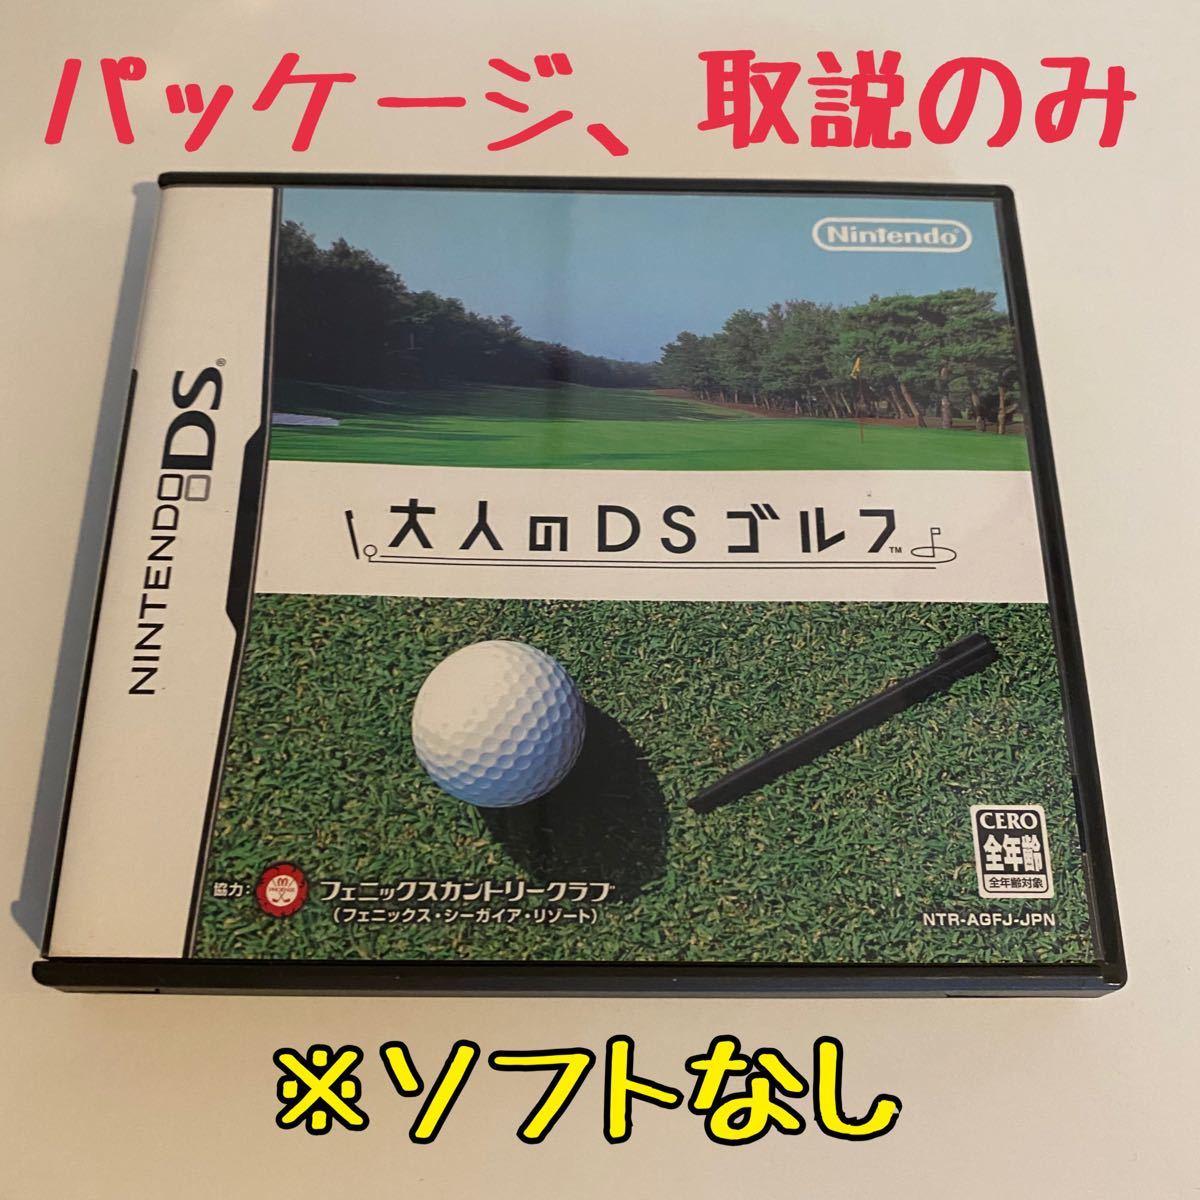 【ソフトなし】ニンテンドーDS 大人のDSゴルフ